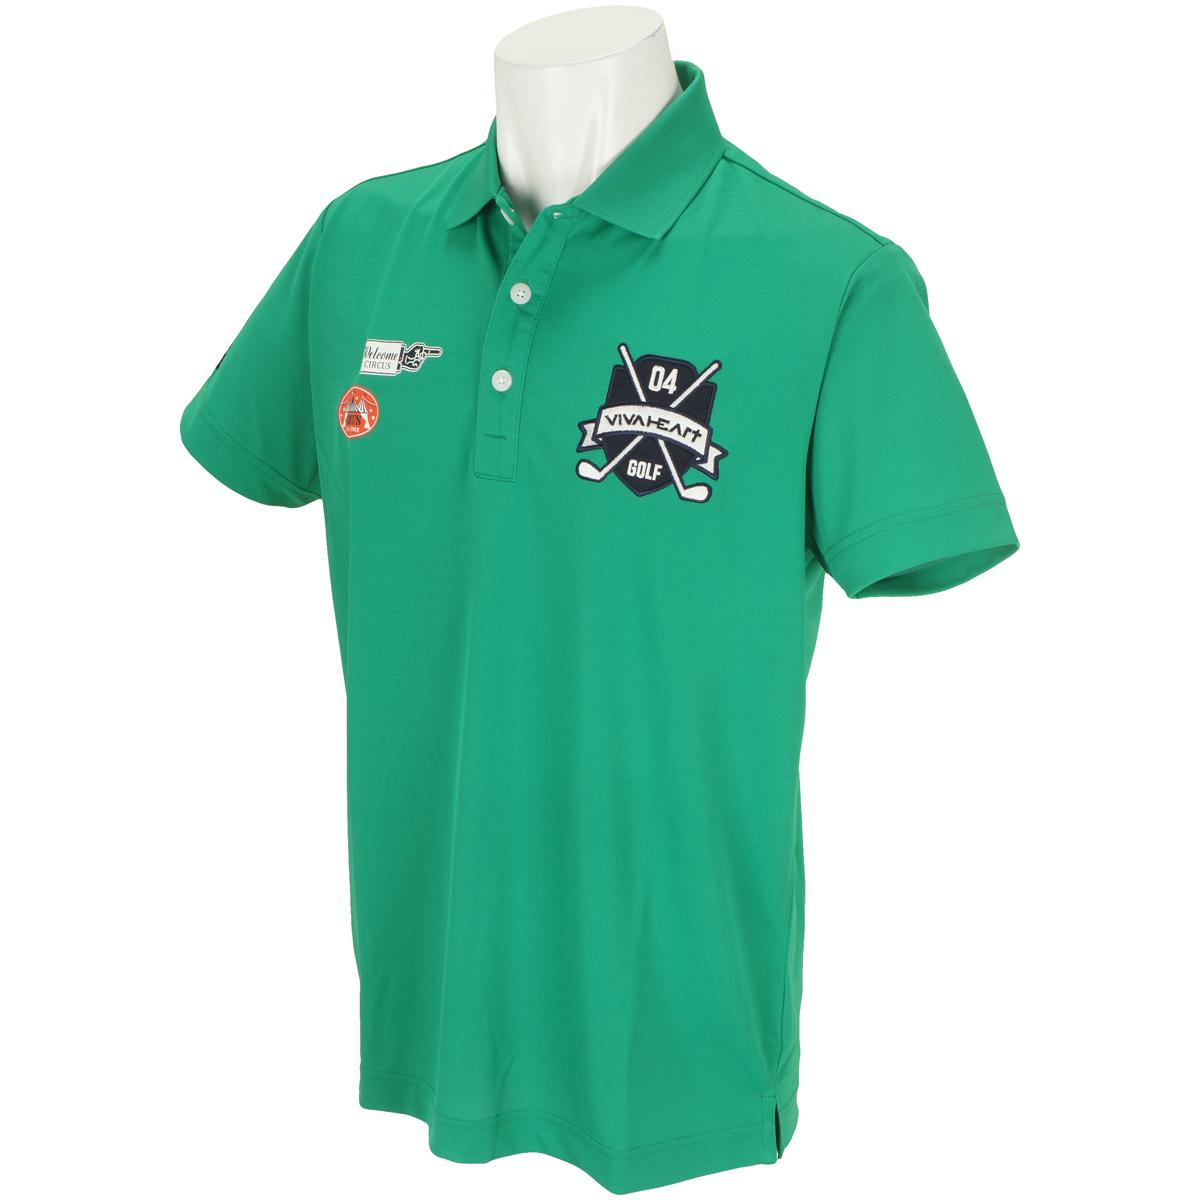 鹿の子マルチロゴ 半袖ポロシャツ